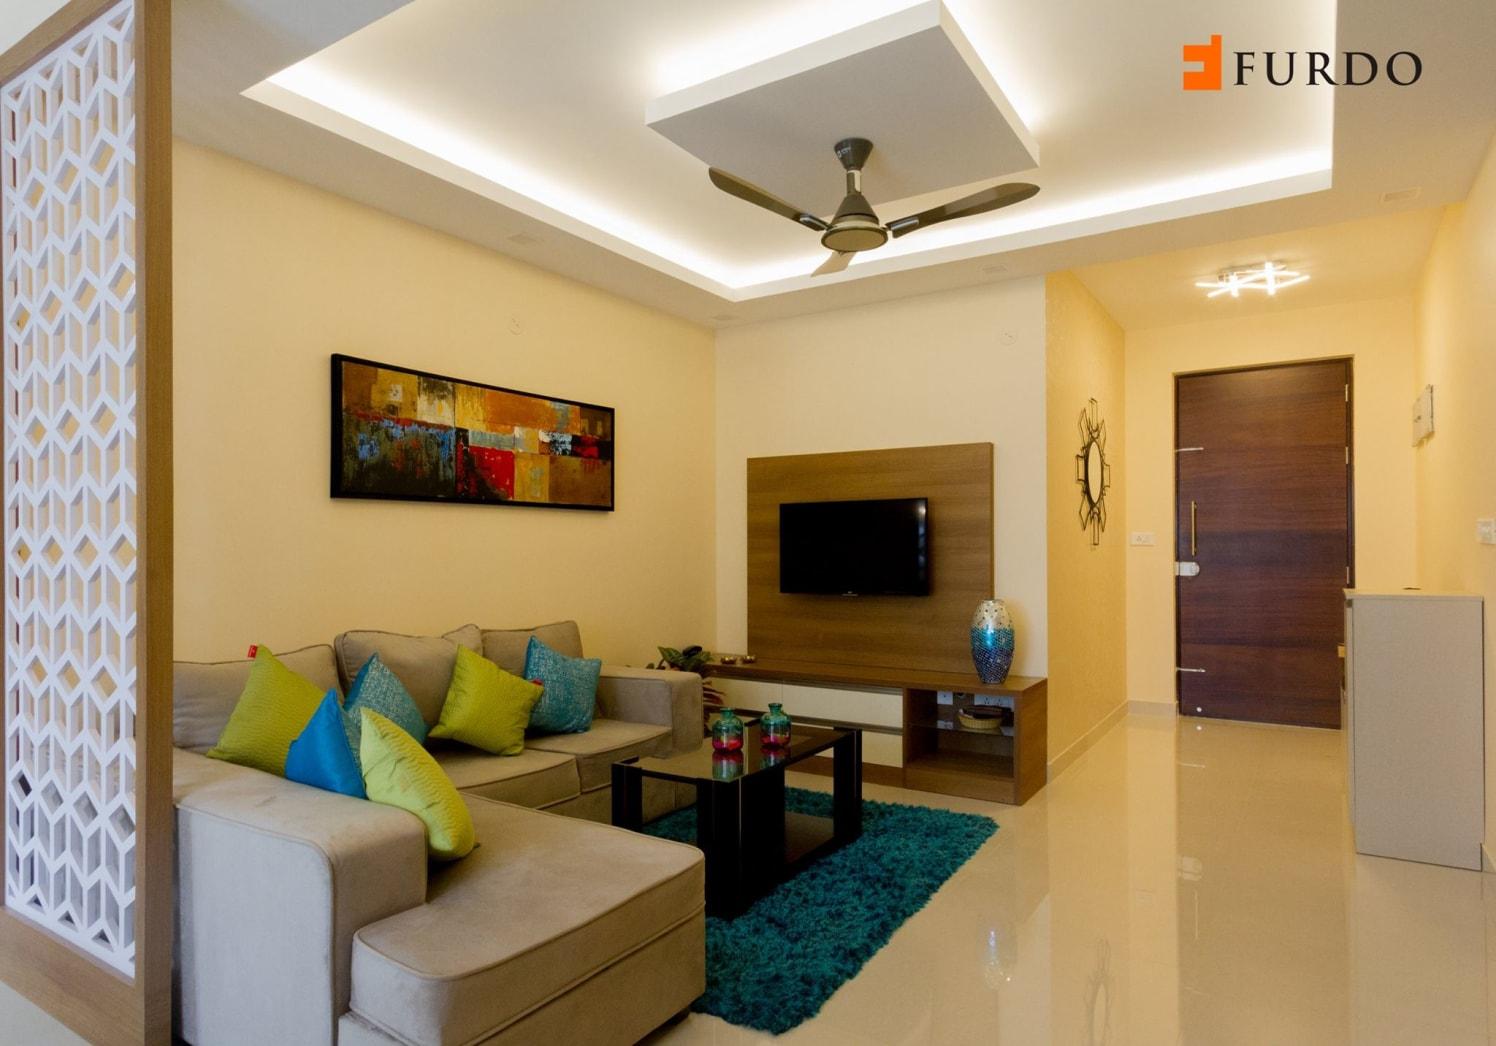 The Living Room With L-Shaped Sofa by Furdo.com Living-room Contemporary | Interior Design Photos & Ideas